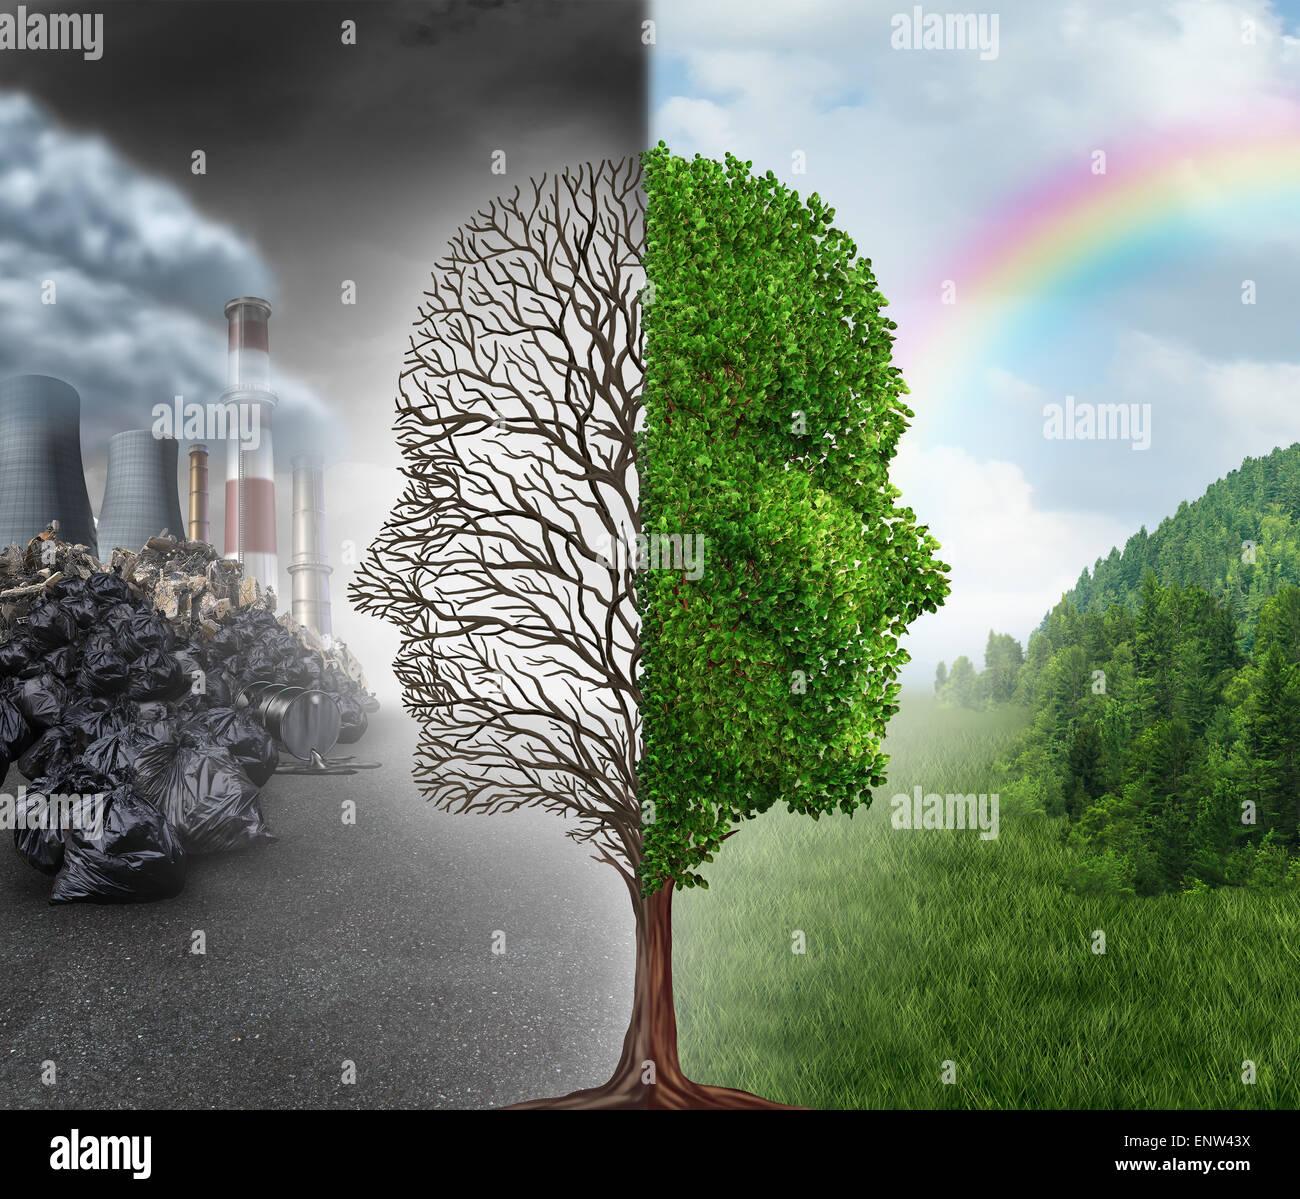 Cambio en el medio ambiente y el calentamiento global concepto medioambiental como una escena cortada en dos, con Imagen De Stock